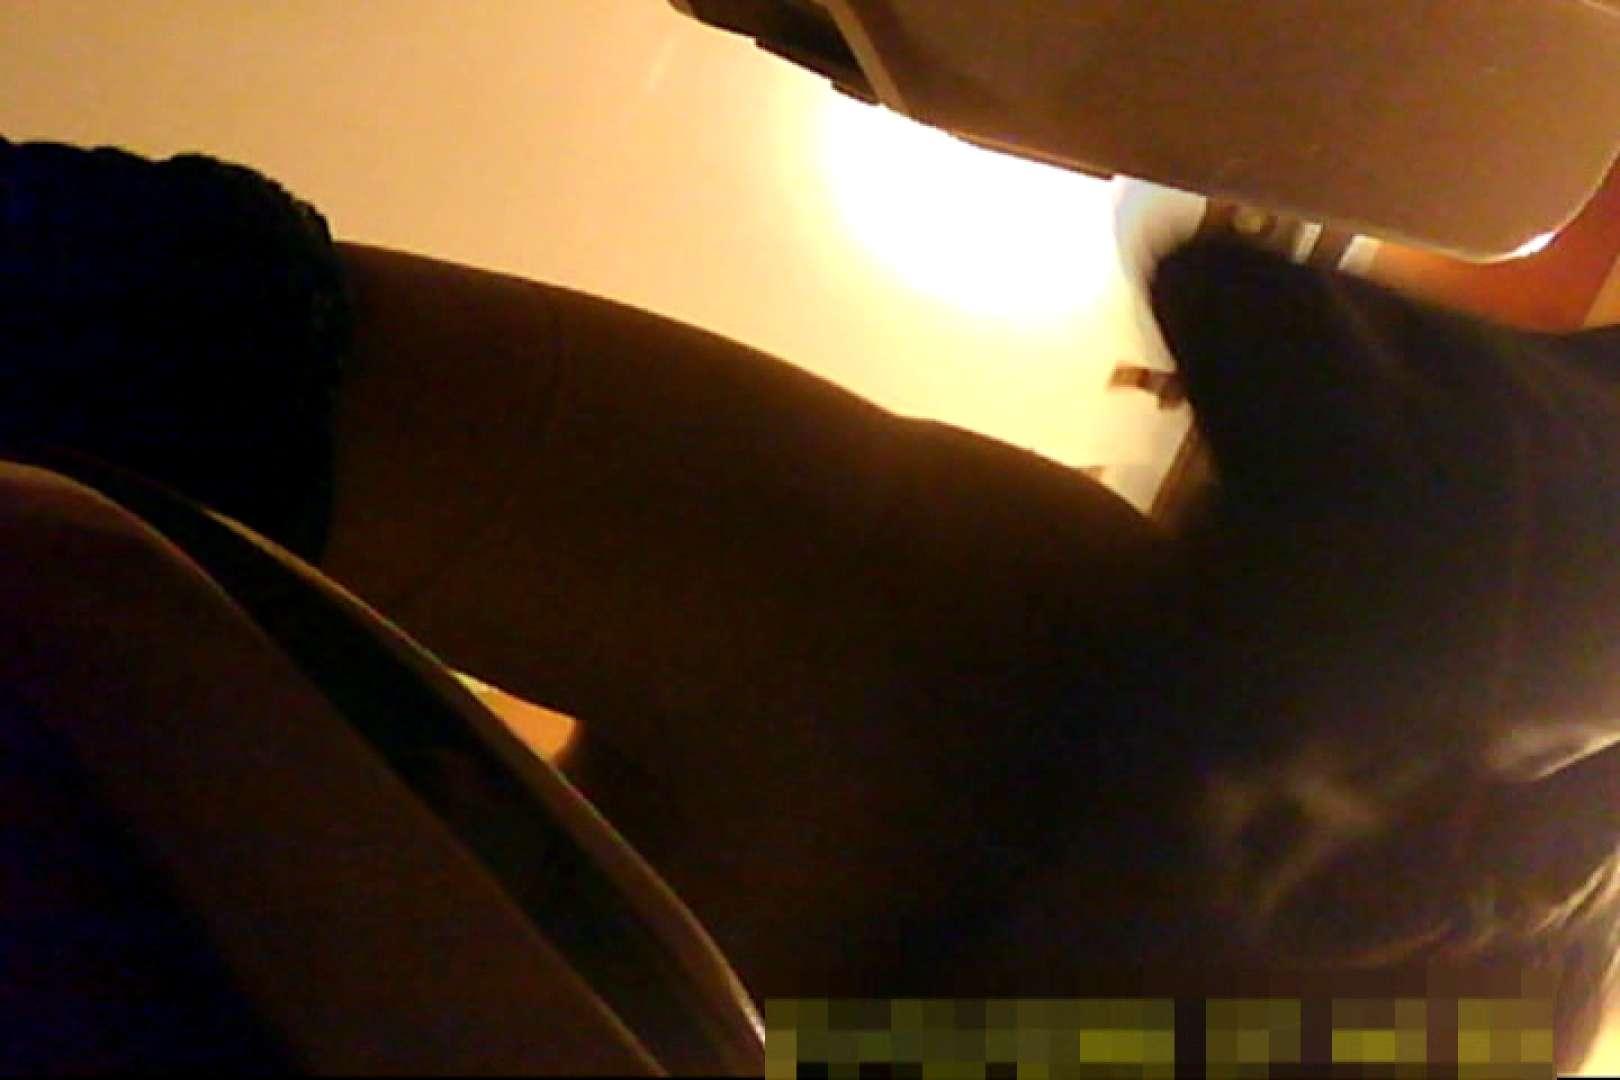 魅惑の化粧室~禁断のプライベート空間~vol.8 プライベート 盗み撮り動画キャプチャ 87PIX 8